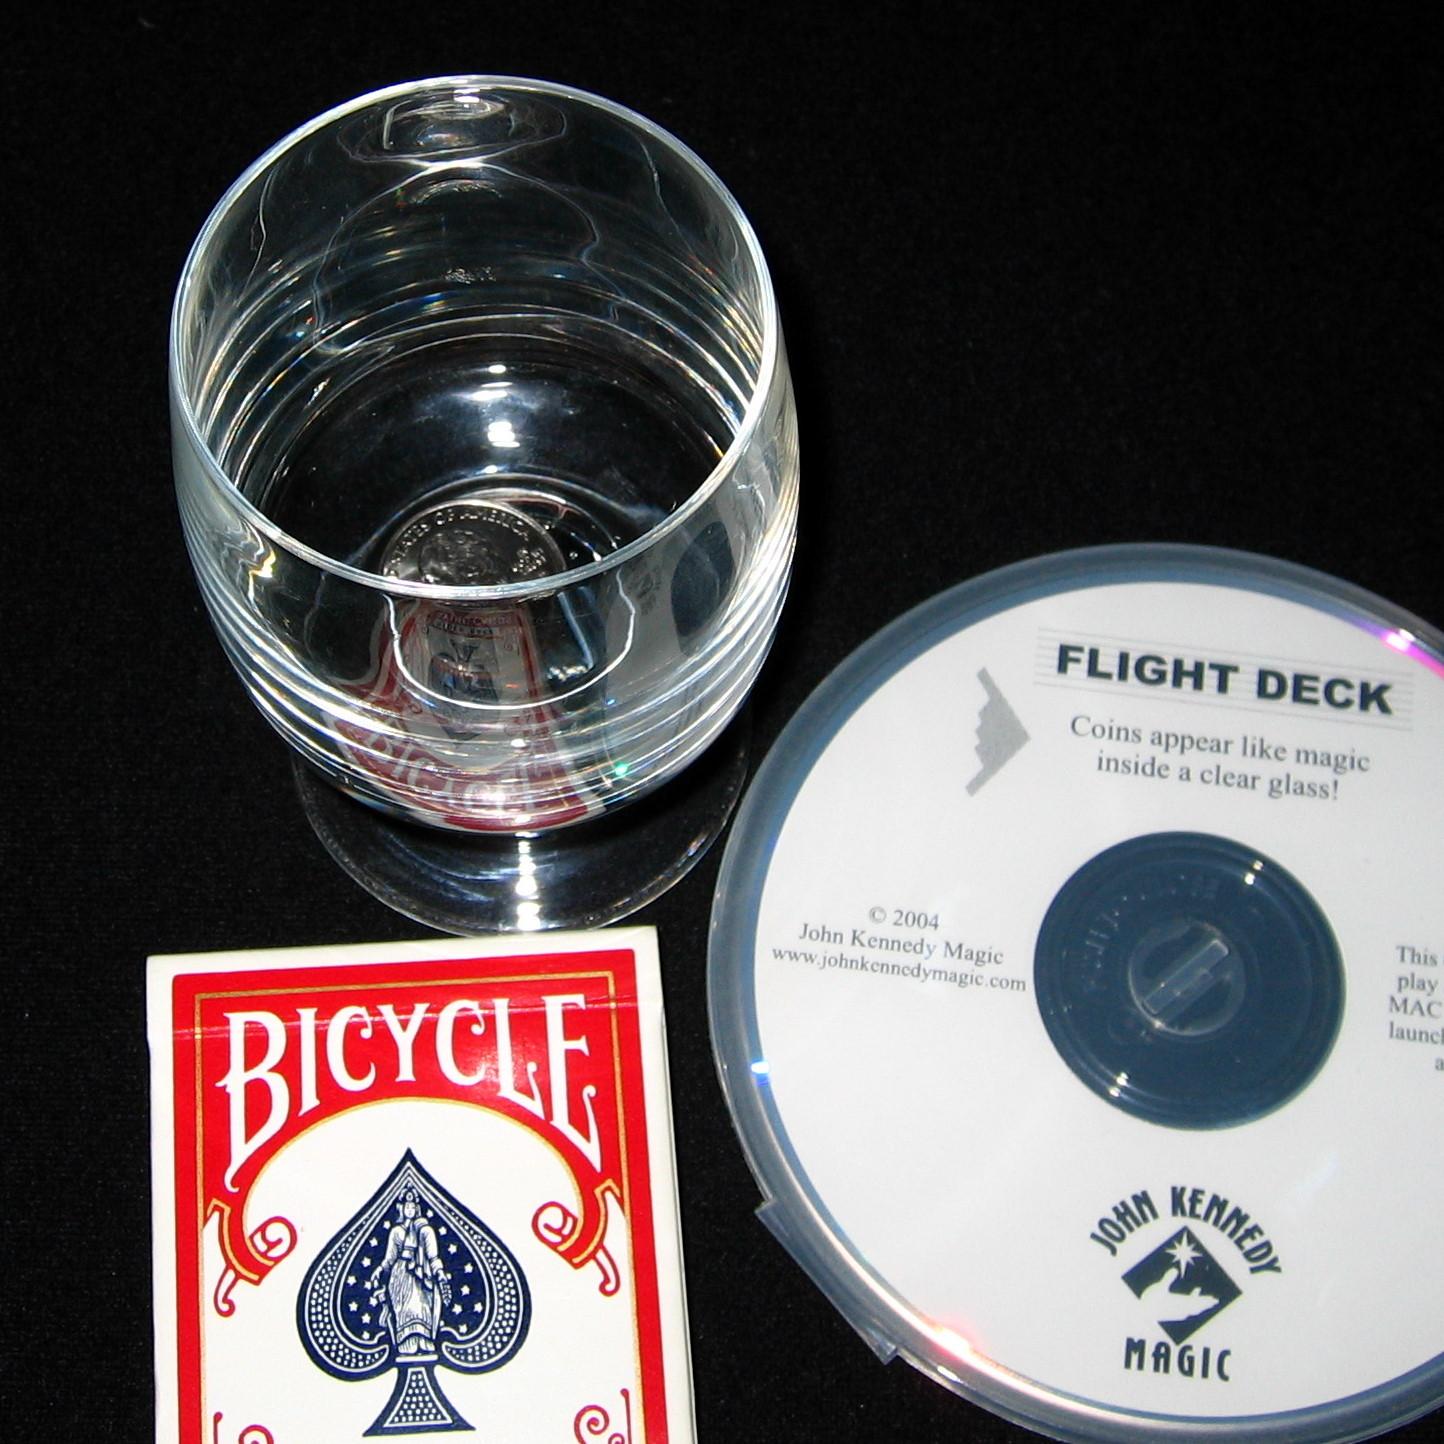 Flight Deck by John Kennedy